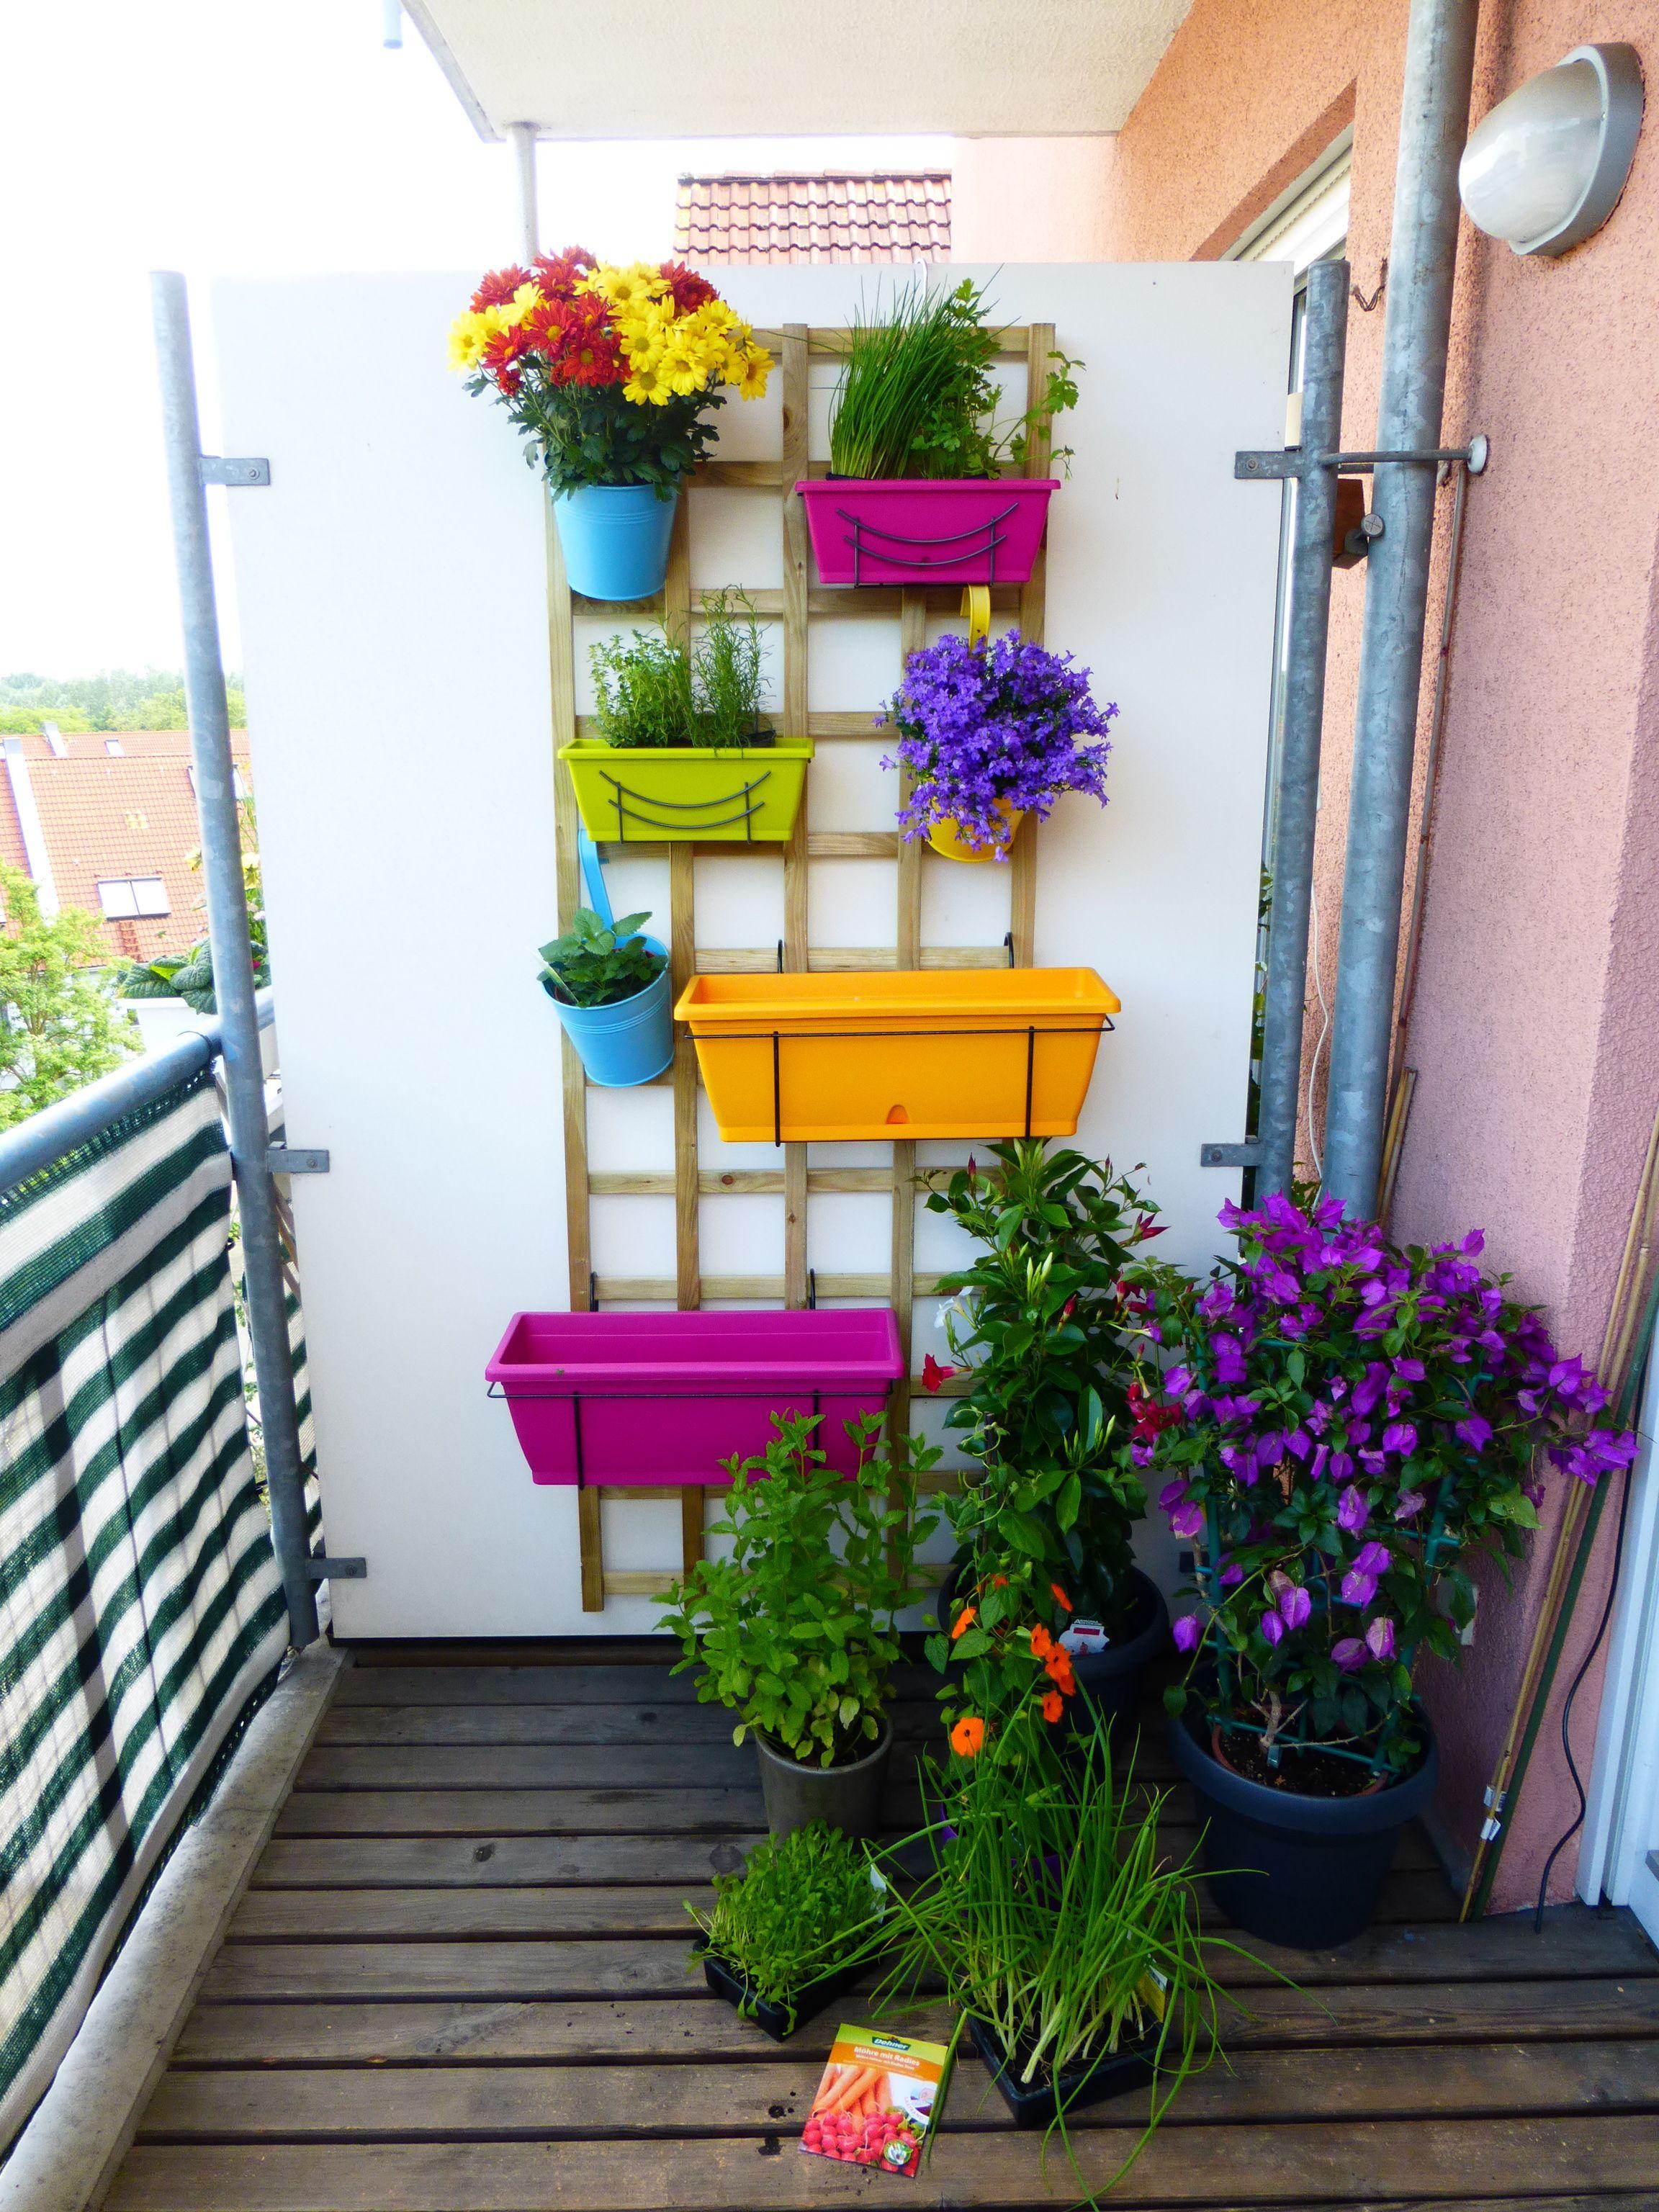 Kleiner Balkon Mit Verschiedenen Pflanzen Und Kräutern In Einem ... Kleiner Balkon Tipps Gestaltung Oase